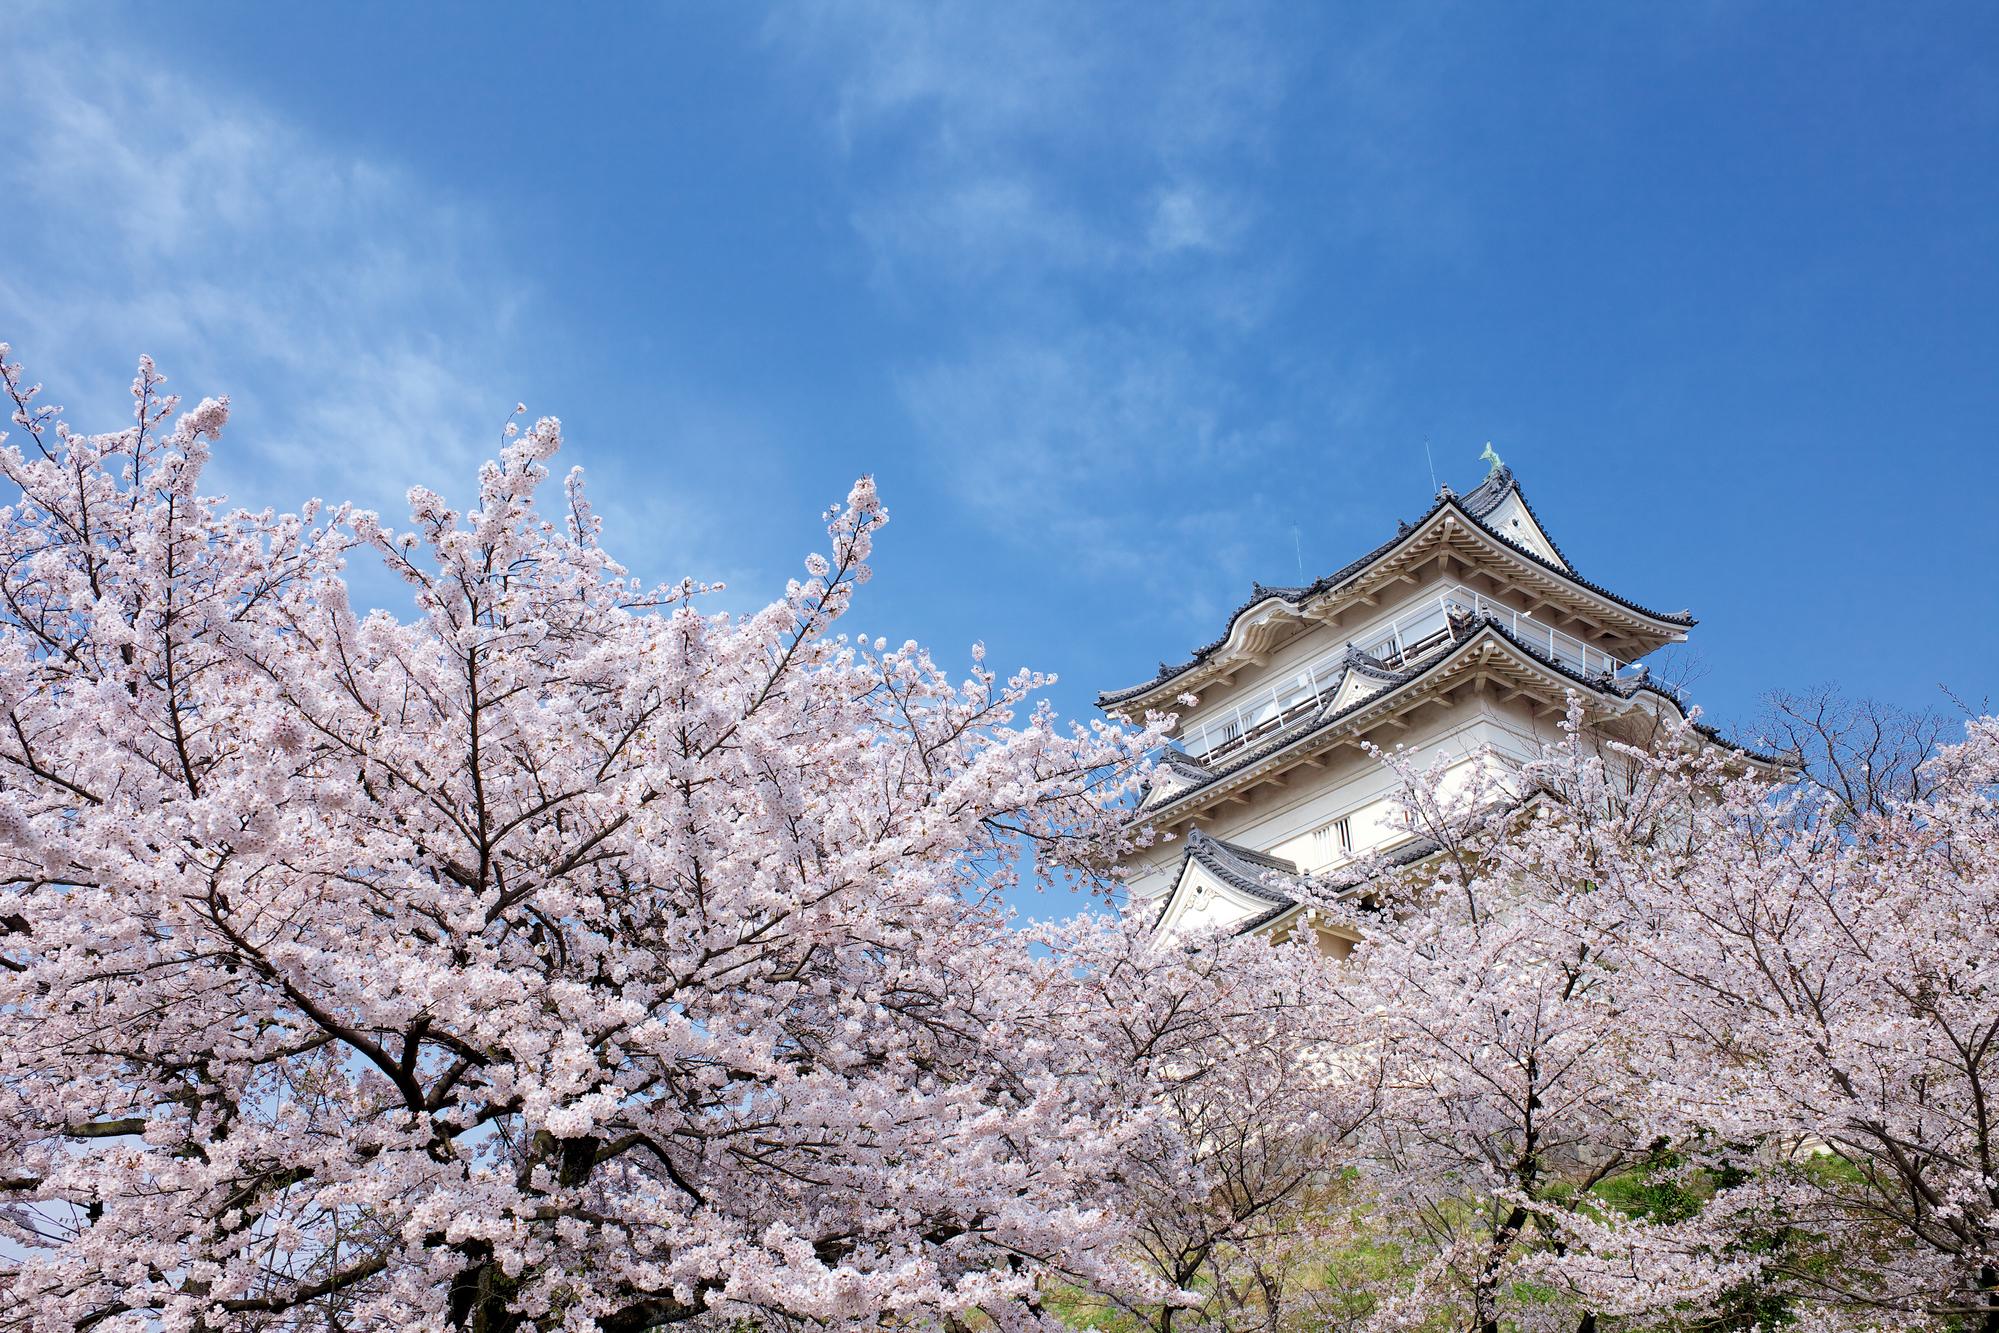 About Kanagawa